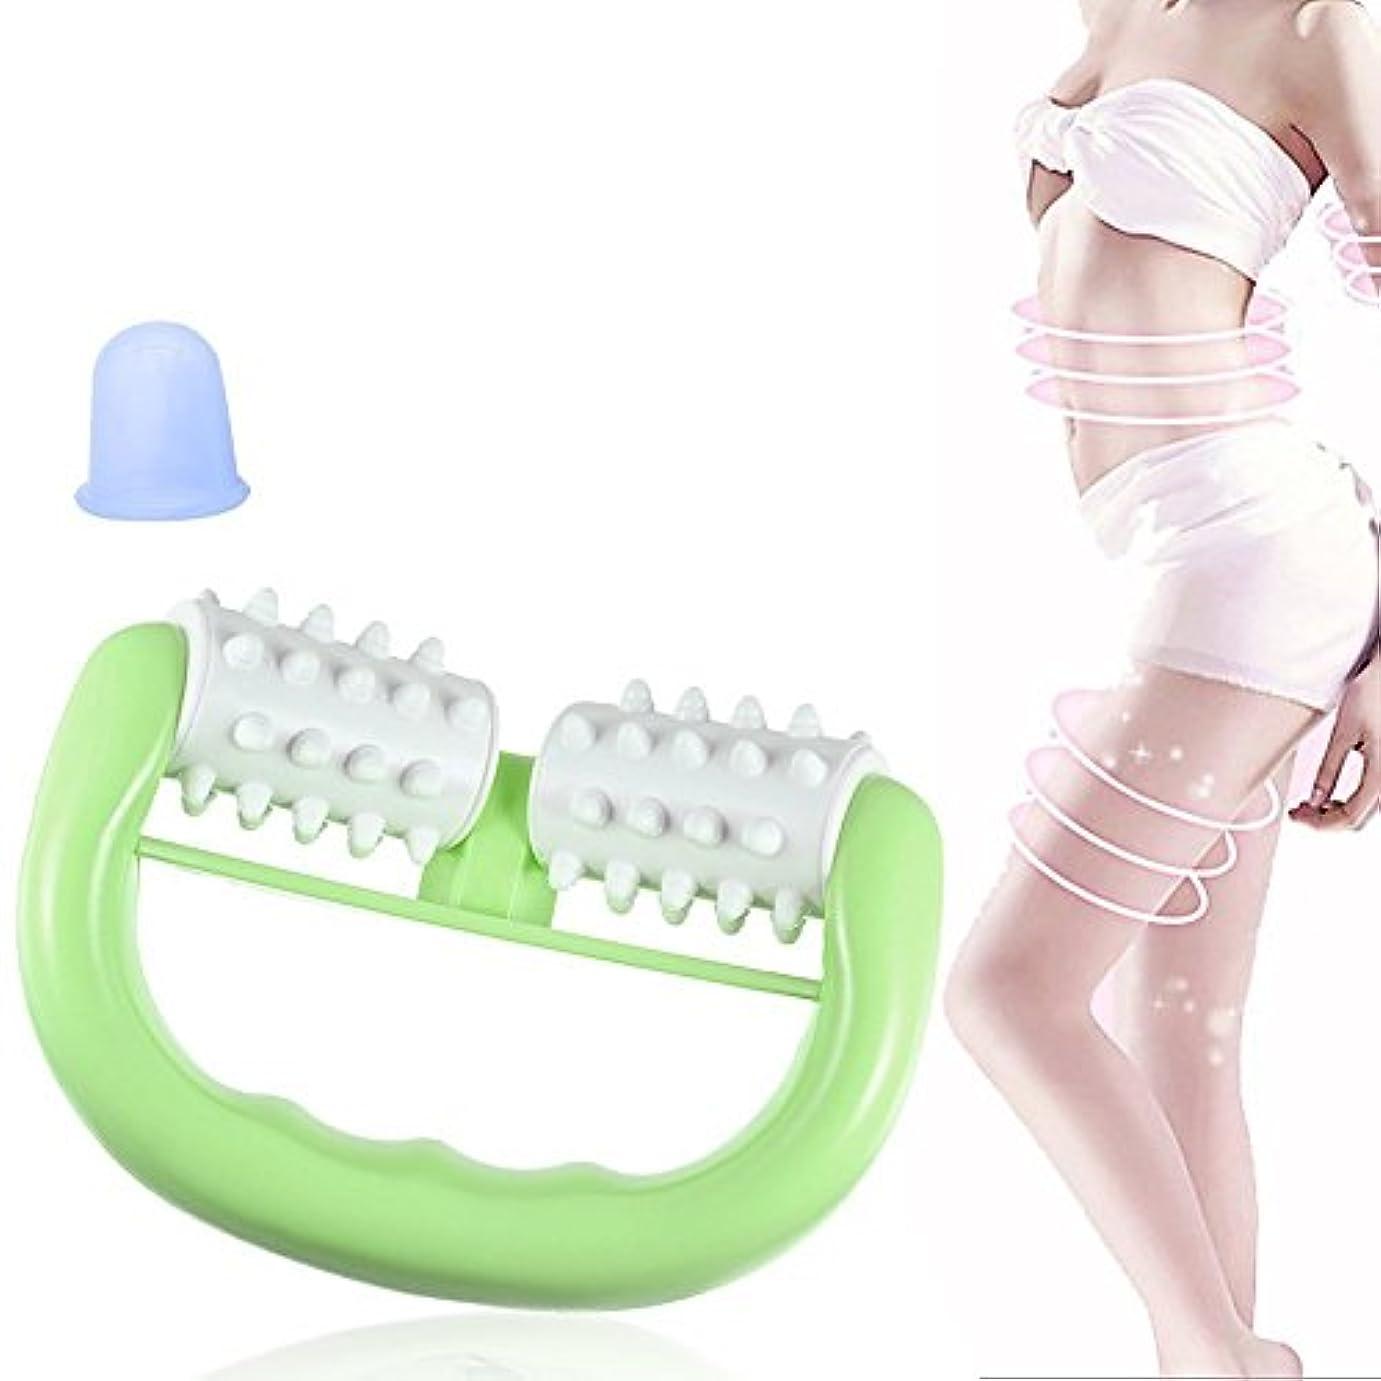 演じる緊張高いマッサージローラー マッサージカップ 筋筋膜リリース ダイエットボディローラー ツボ 筋肉 マッサージ シリコン 吸い玉 カップ